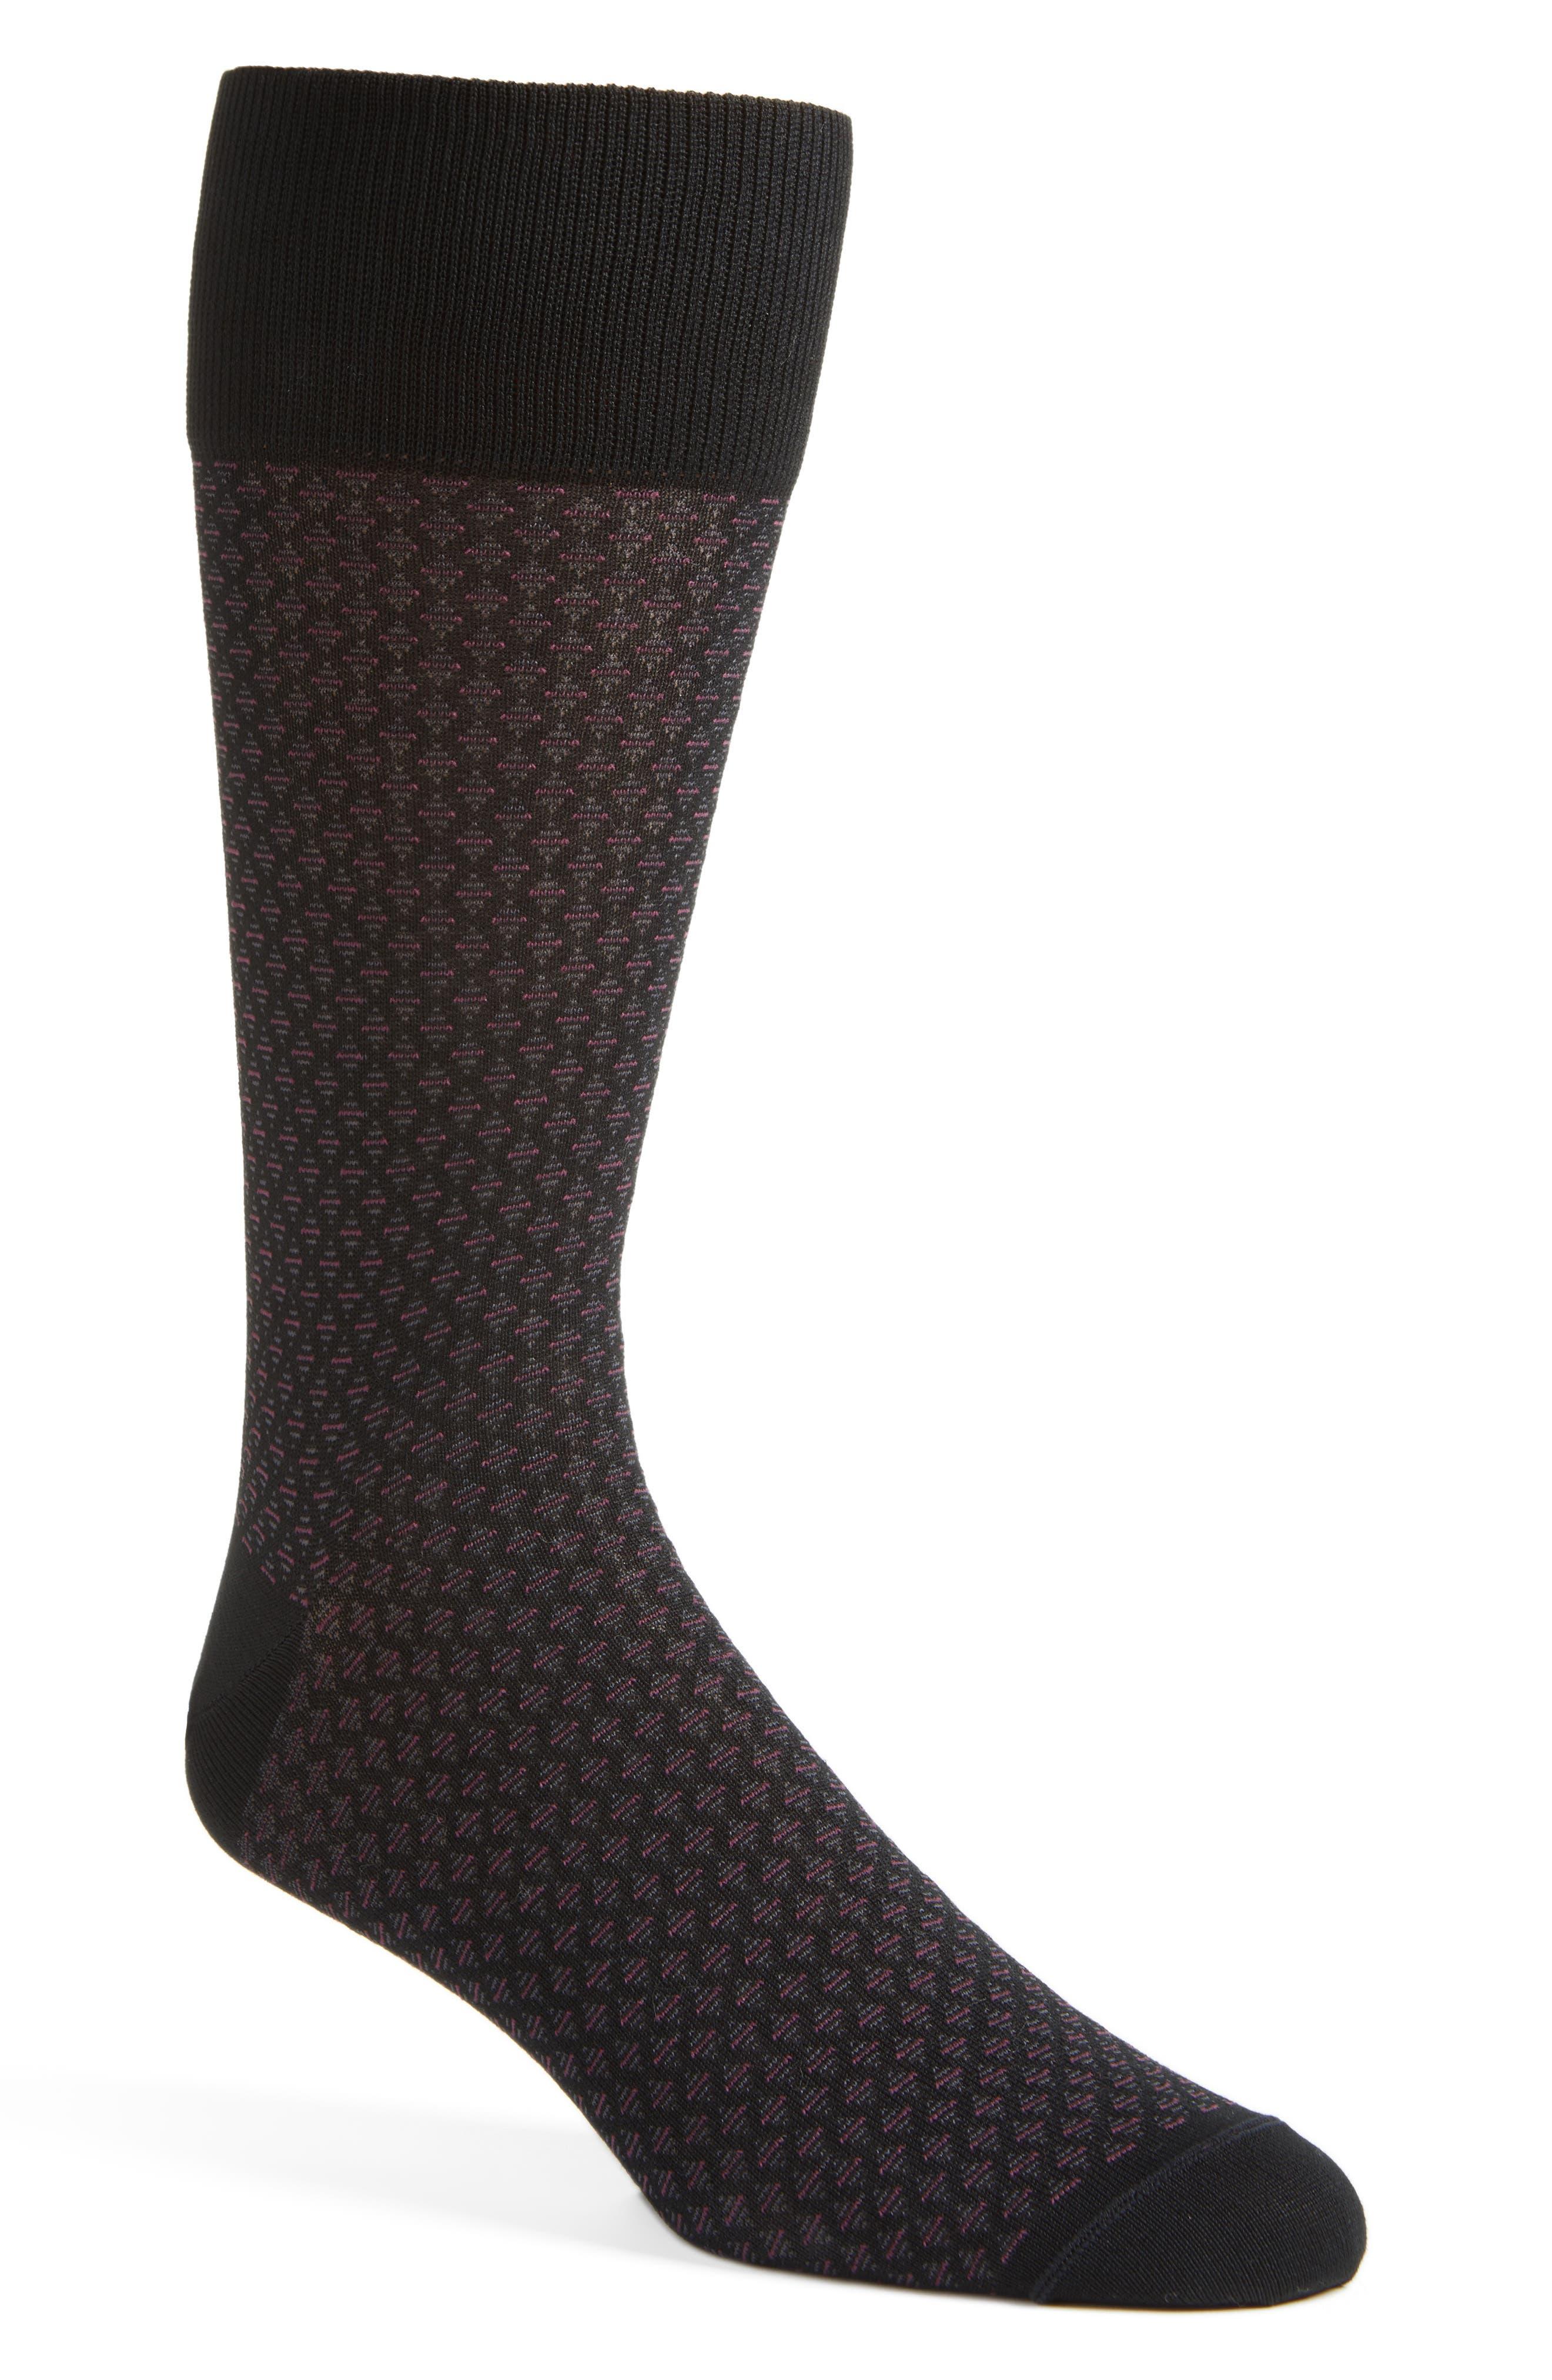 Alternate Image 1 Selected - John W. Nordstrom® Over the Calf Neat Diamond Socks (3 for $48)